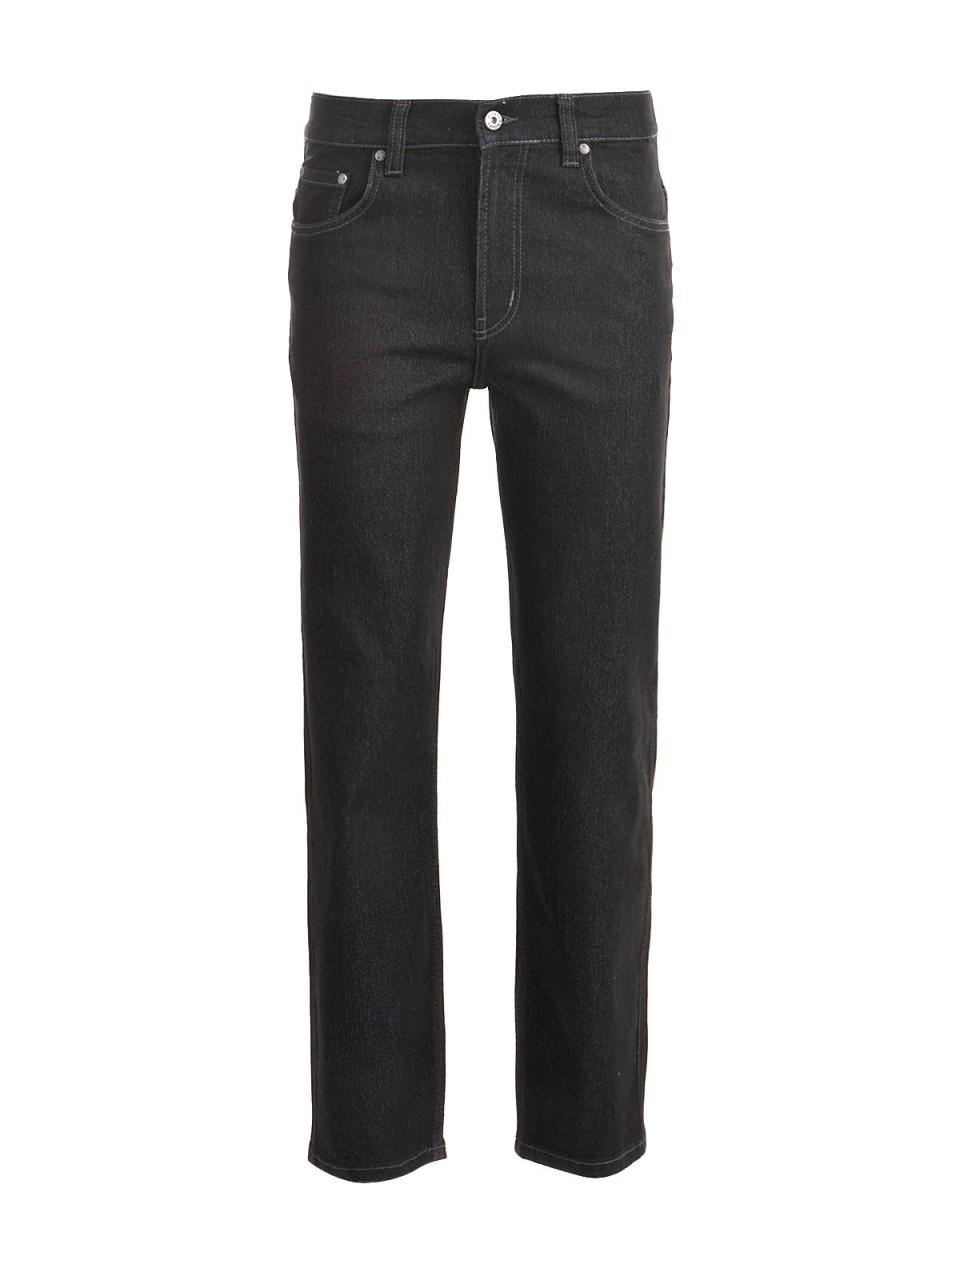 milano-italy-herren-jeans-schwarz